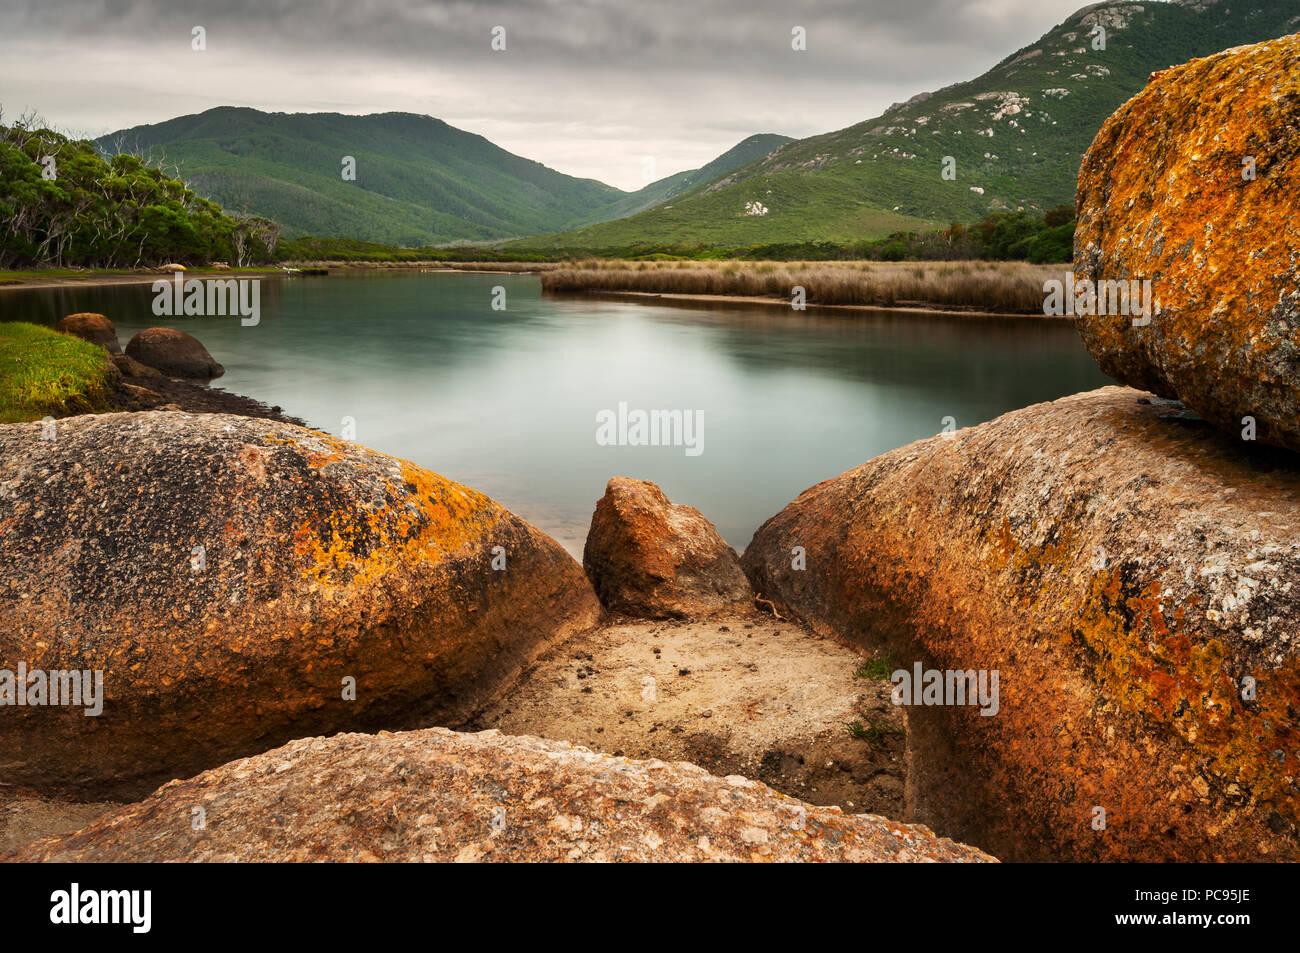 Colorato di lichene, rocce coperte al fiume di marea in Wilsons Promontory National Park. Immagini Stock